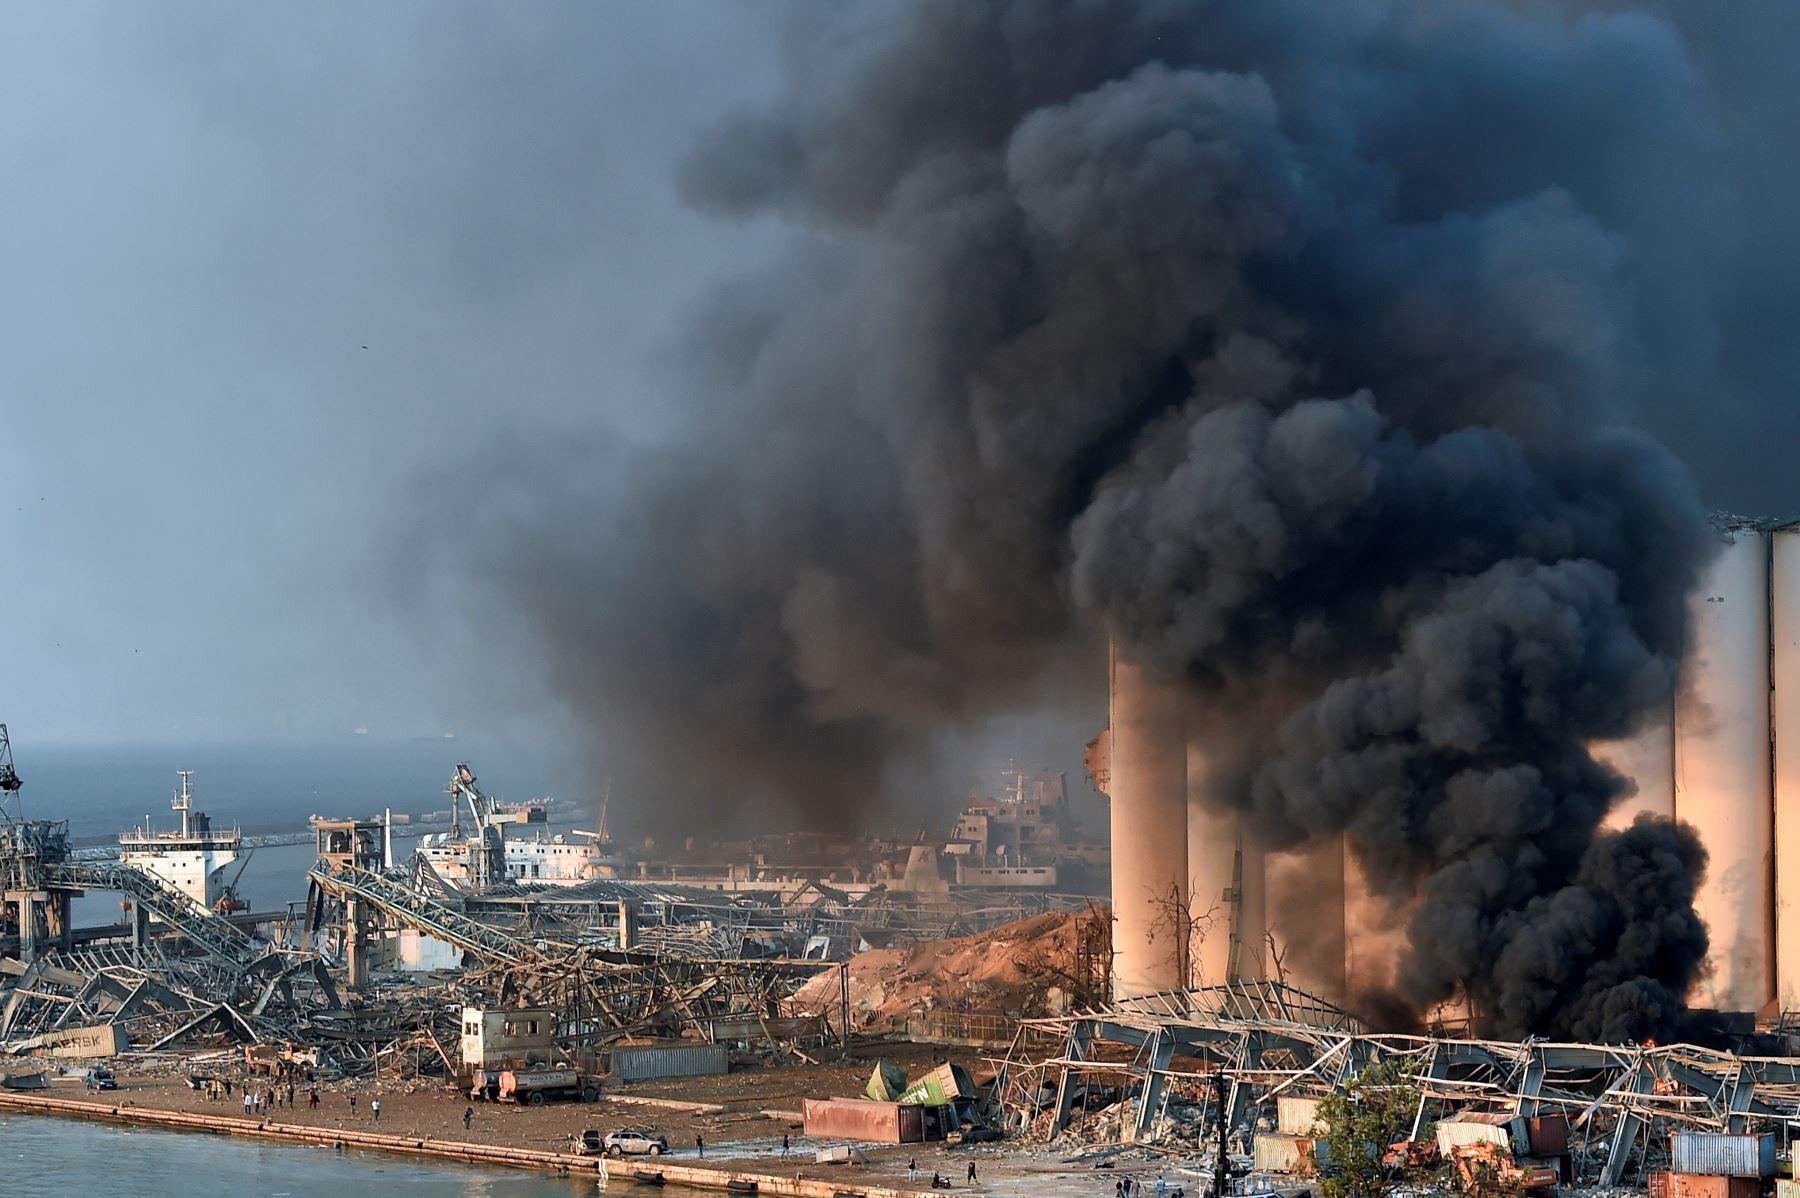 Una gran nube de humo inunda el cielo de Líbano tras la explosión en un almacén de la zona del puerto de Beirut. Foto: Efe.